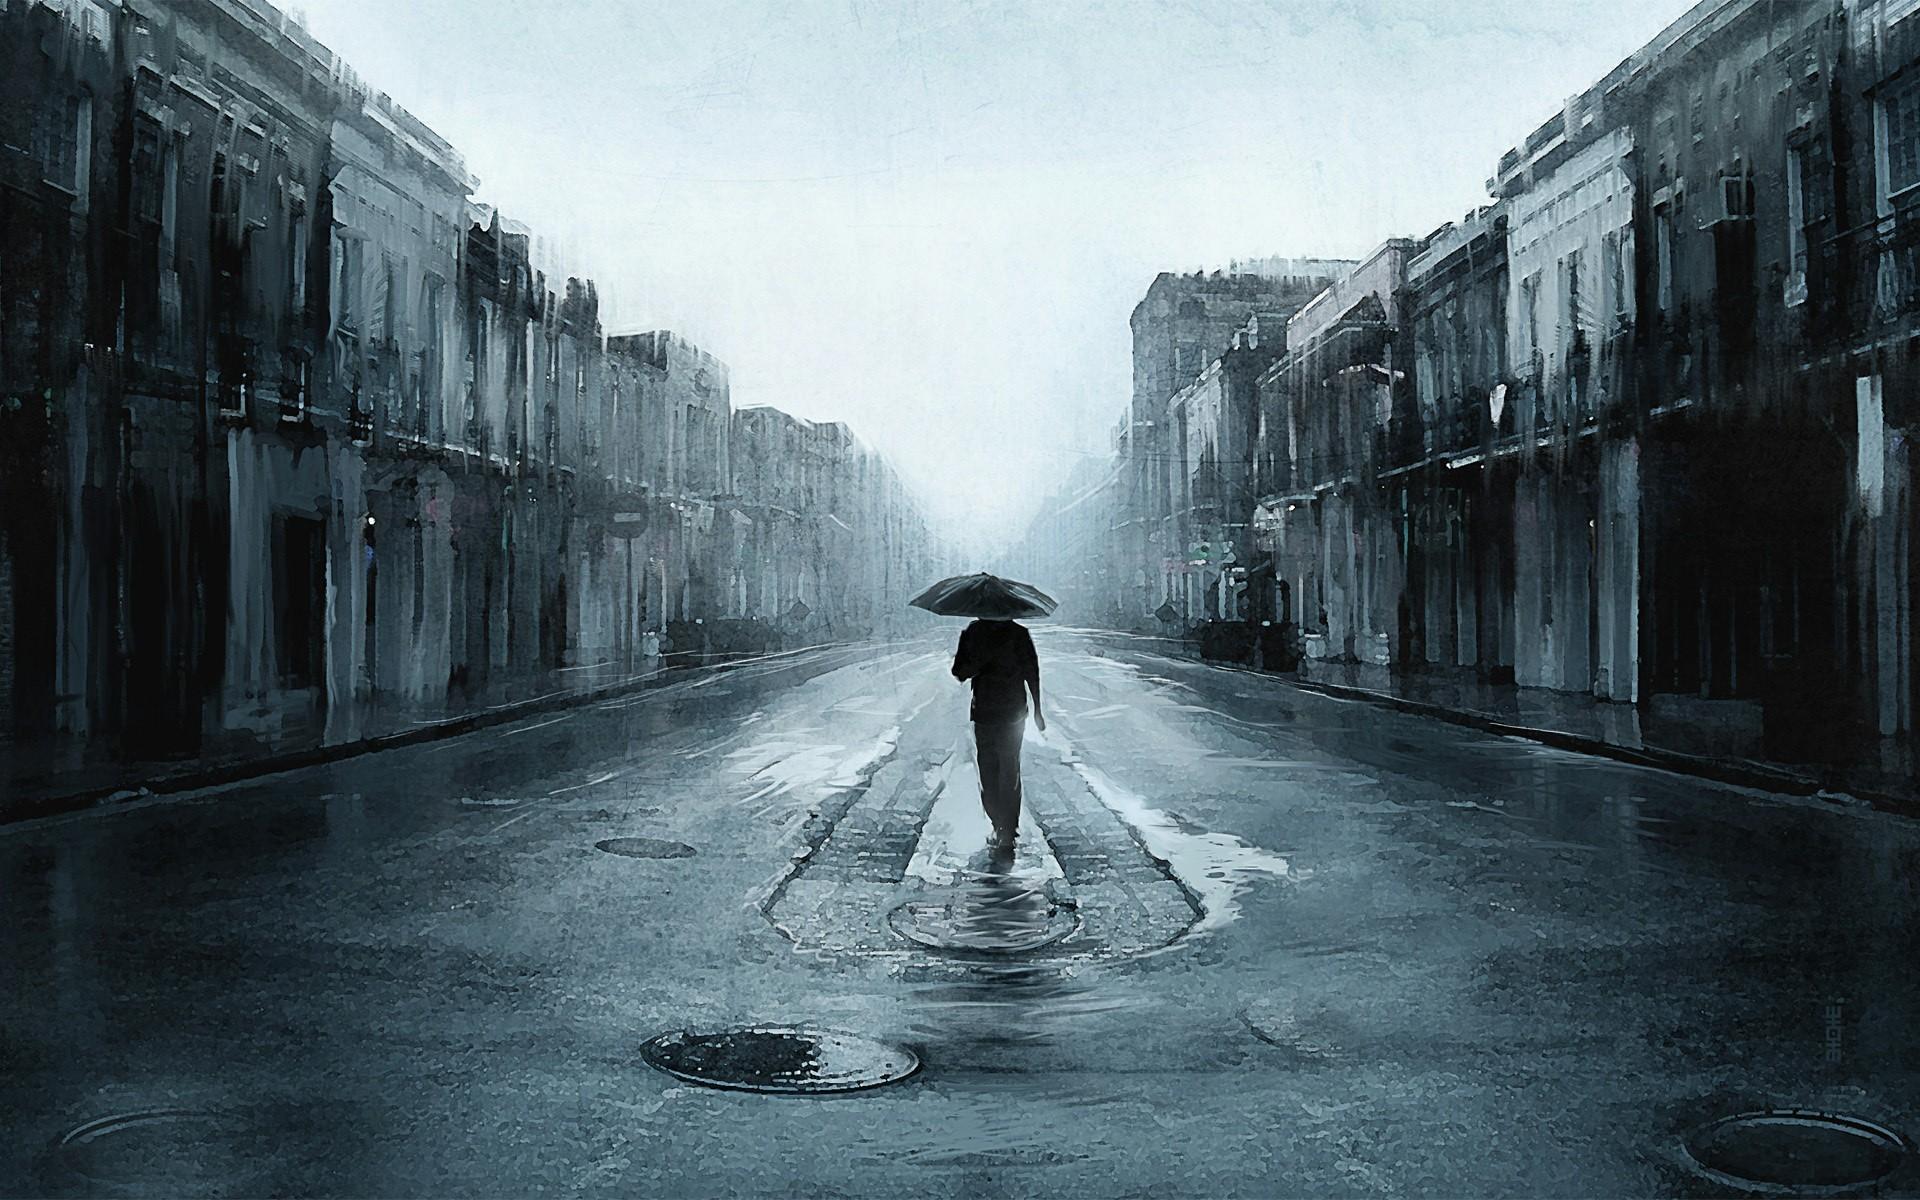 Lonely guy walking in the rain